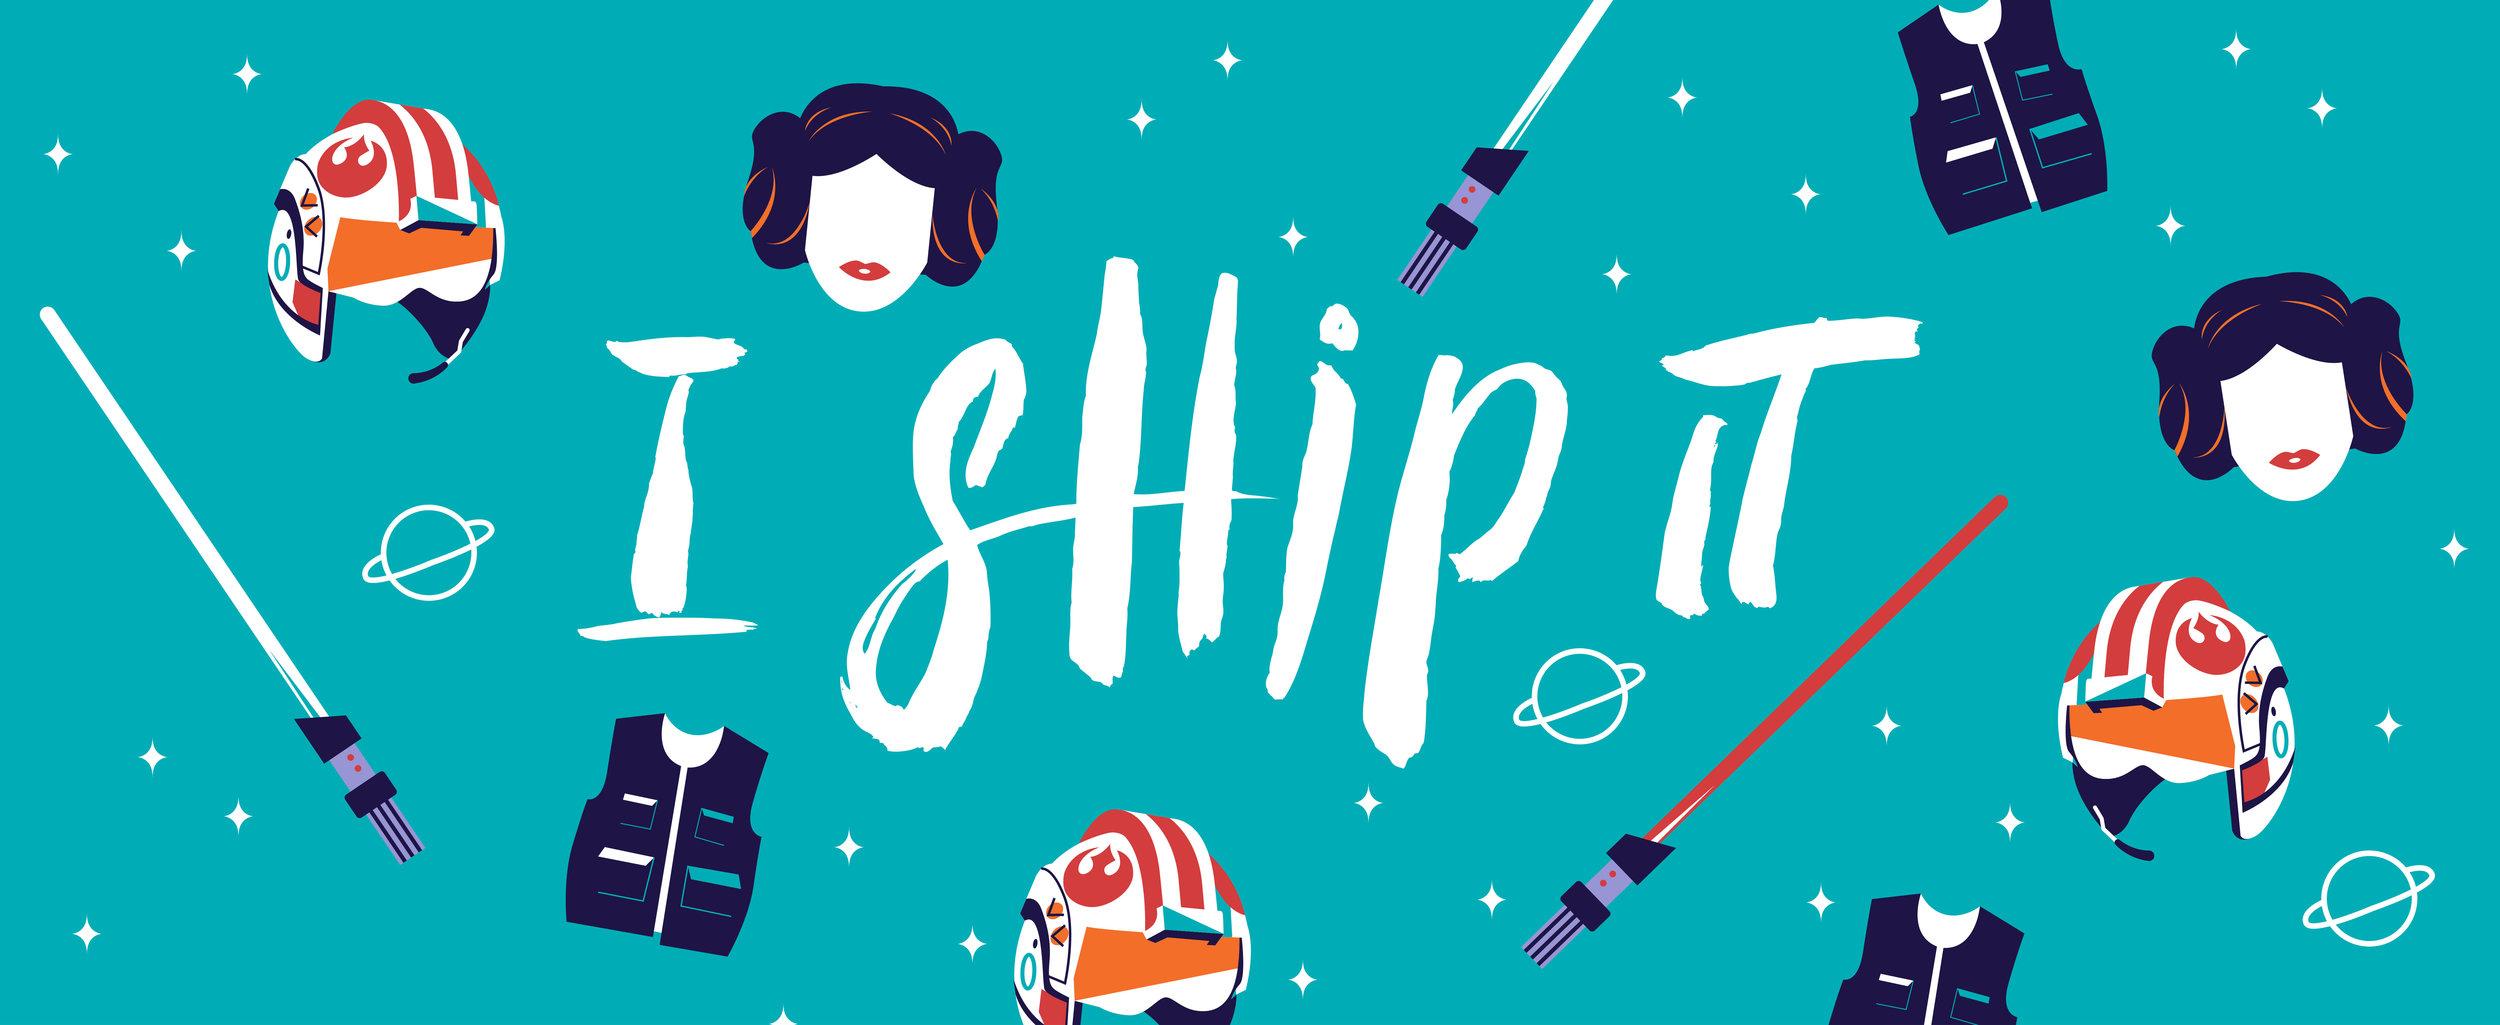 I Ship It-04.jpg